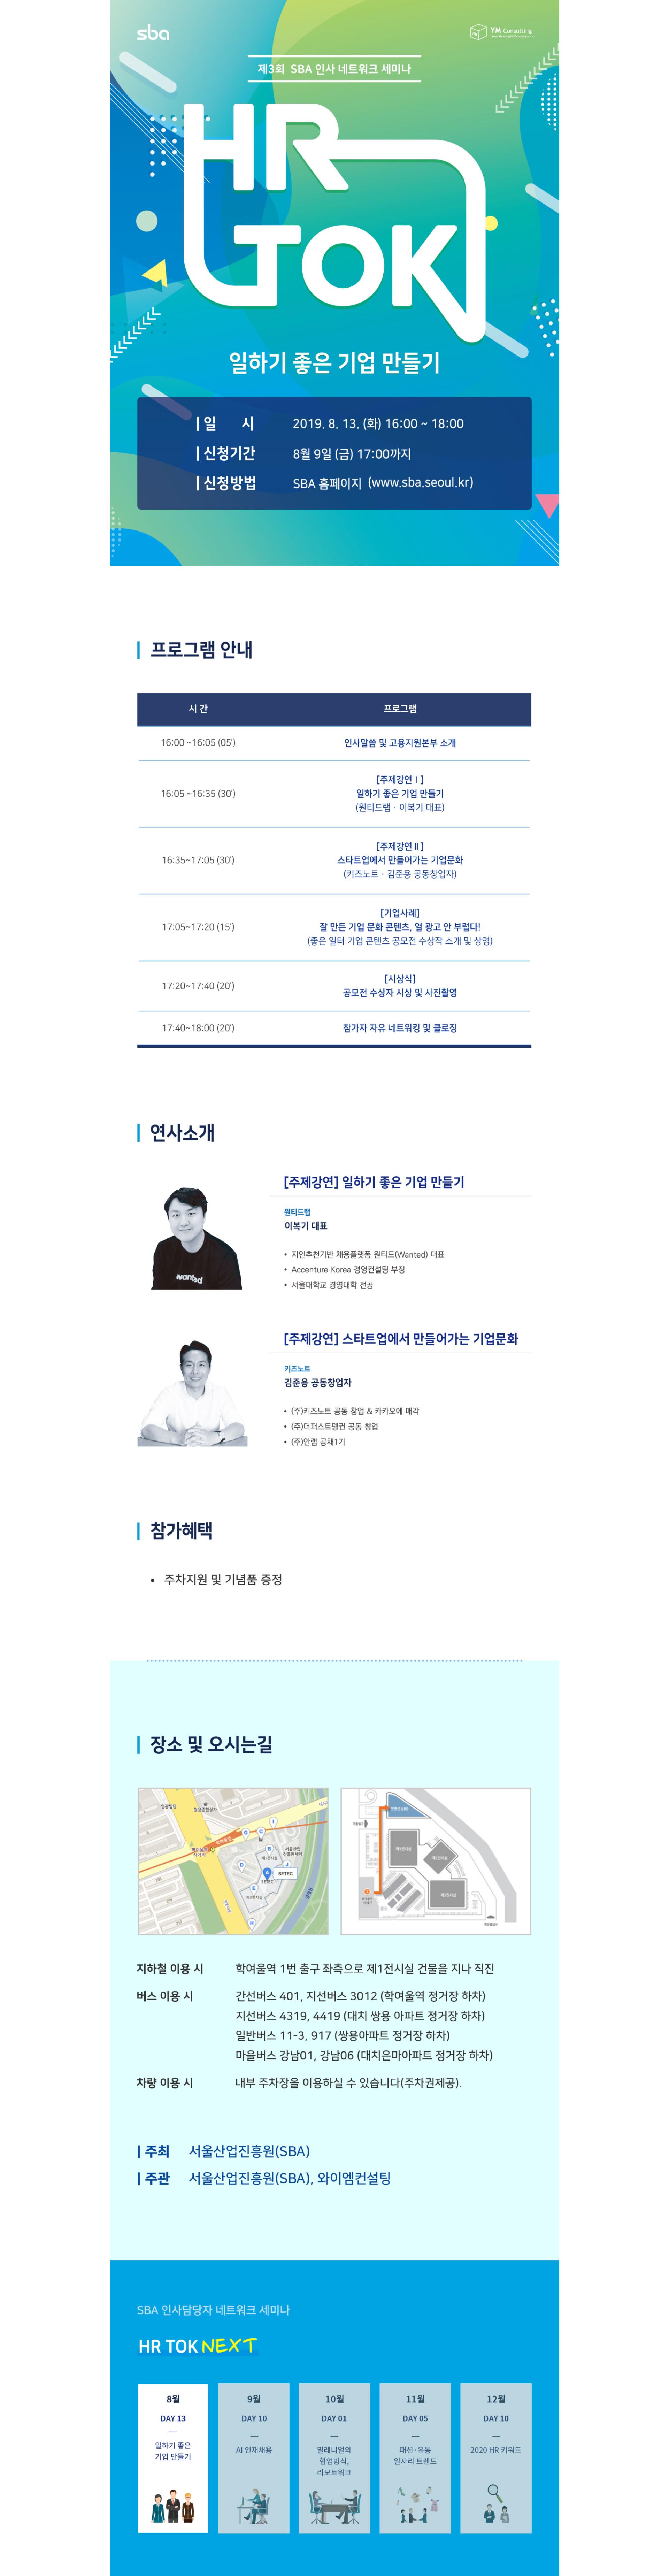 제3회 HR TOK - 좋은 기업 만들기